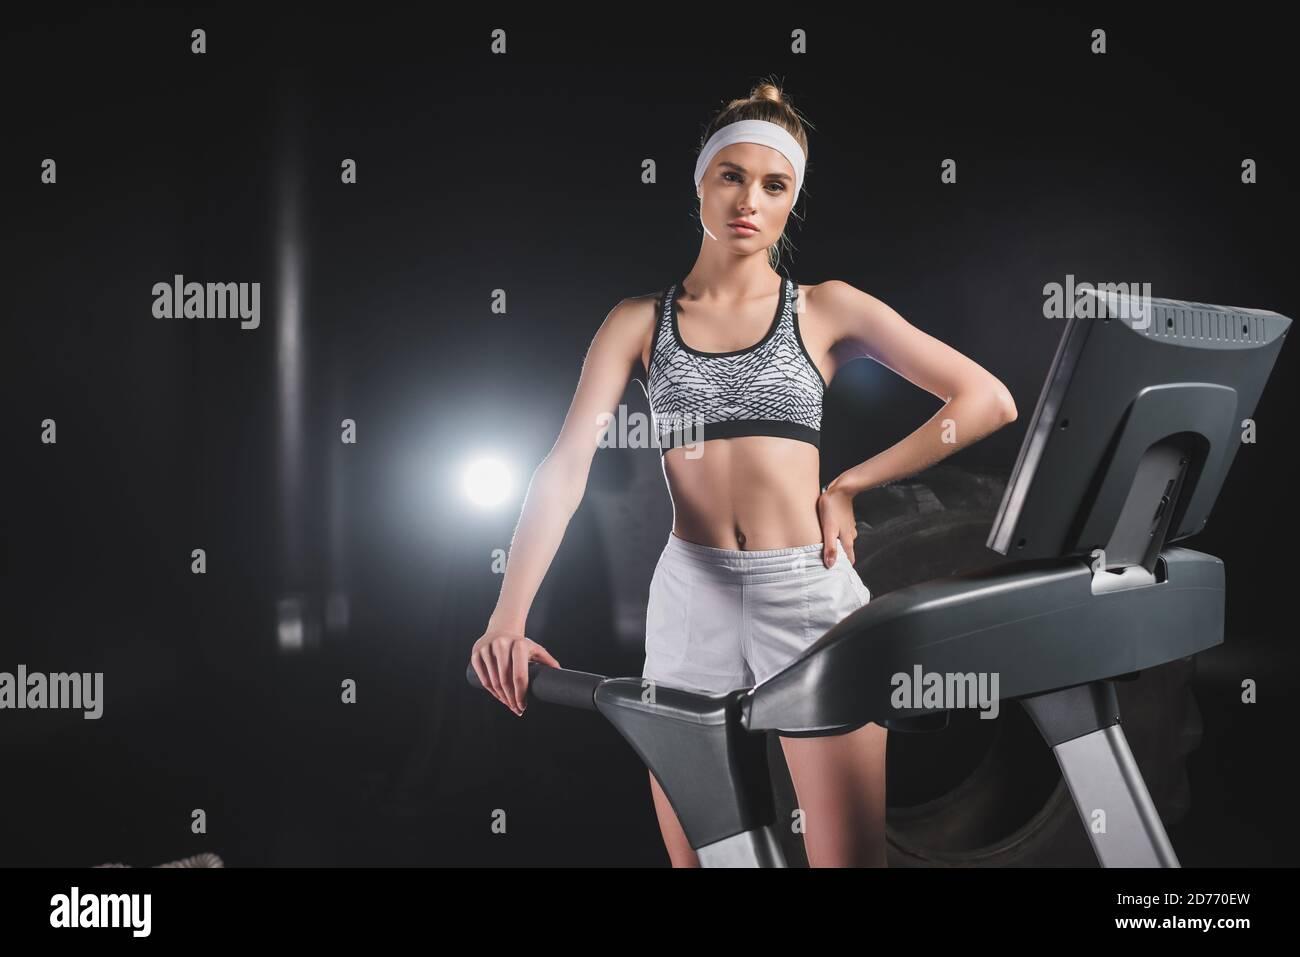 Jeune sportswoman avec main sur la hanche regardant l'appareil photo allumé tapis roulant dans la salle de gym Banque D'Images